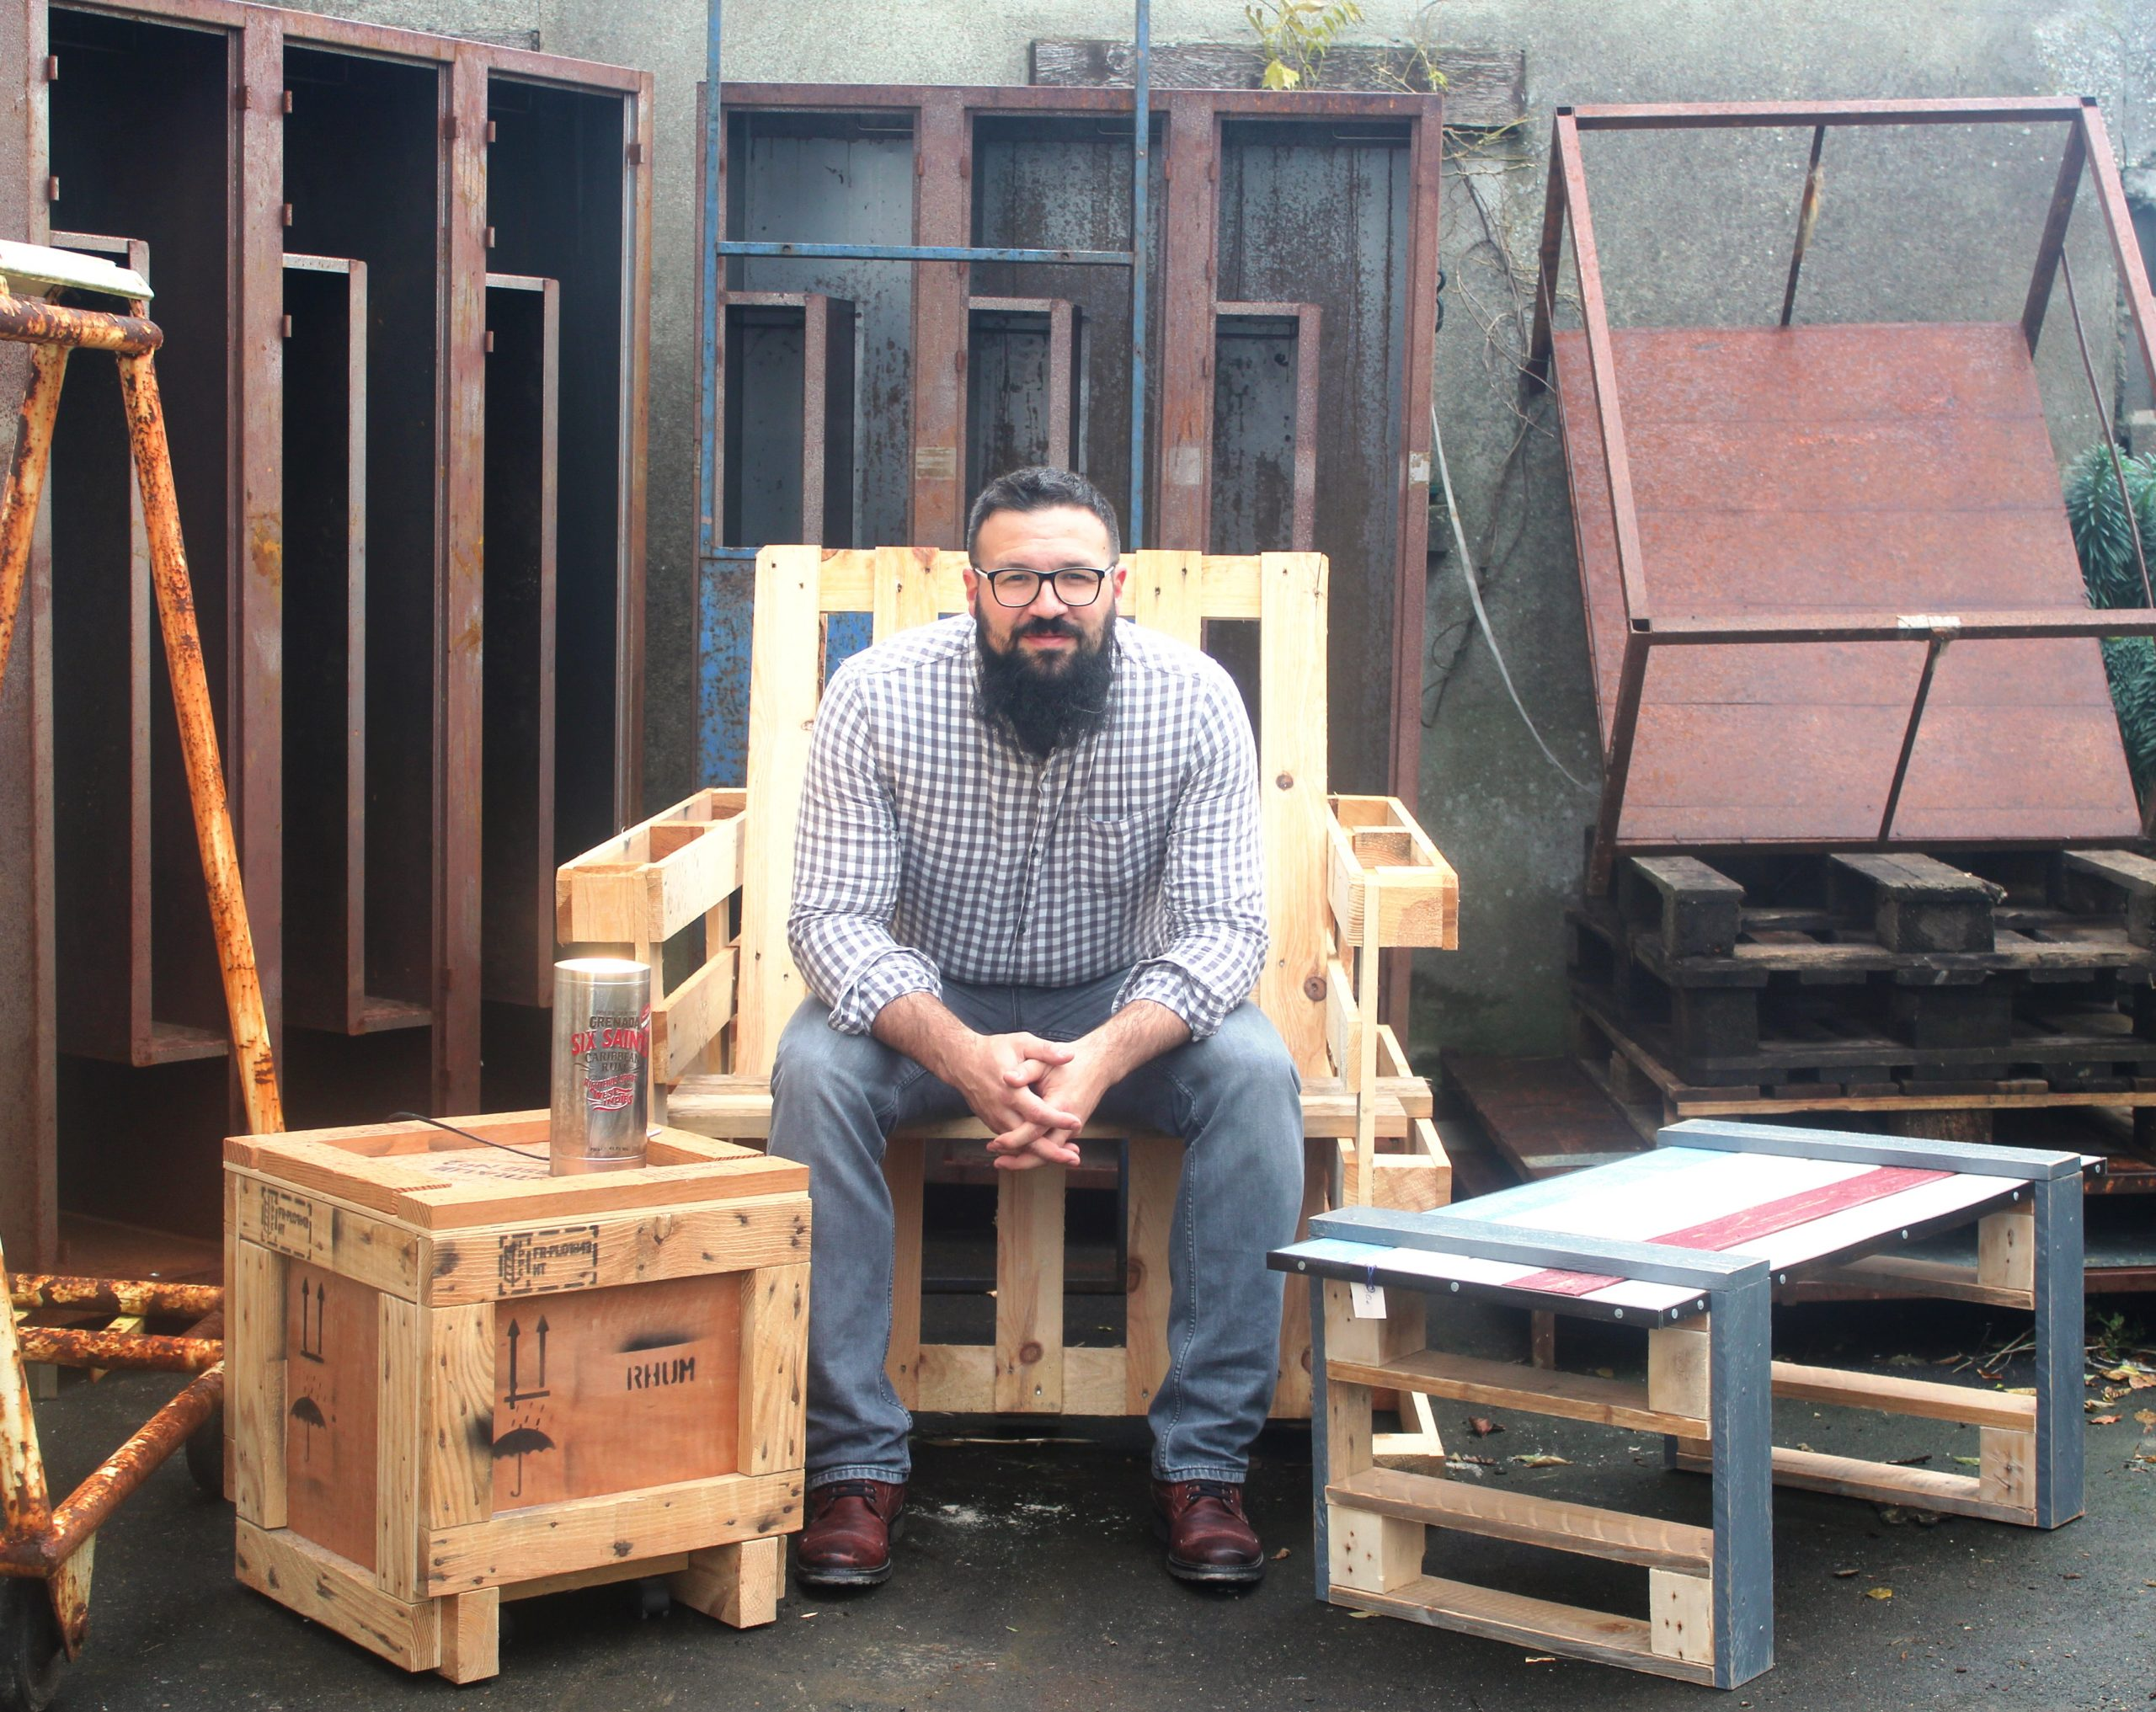 L'atelier Delmont: la récup' au service du design et du recyclage